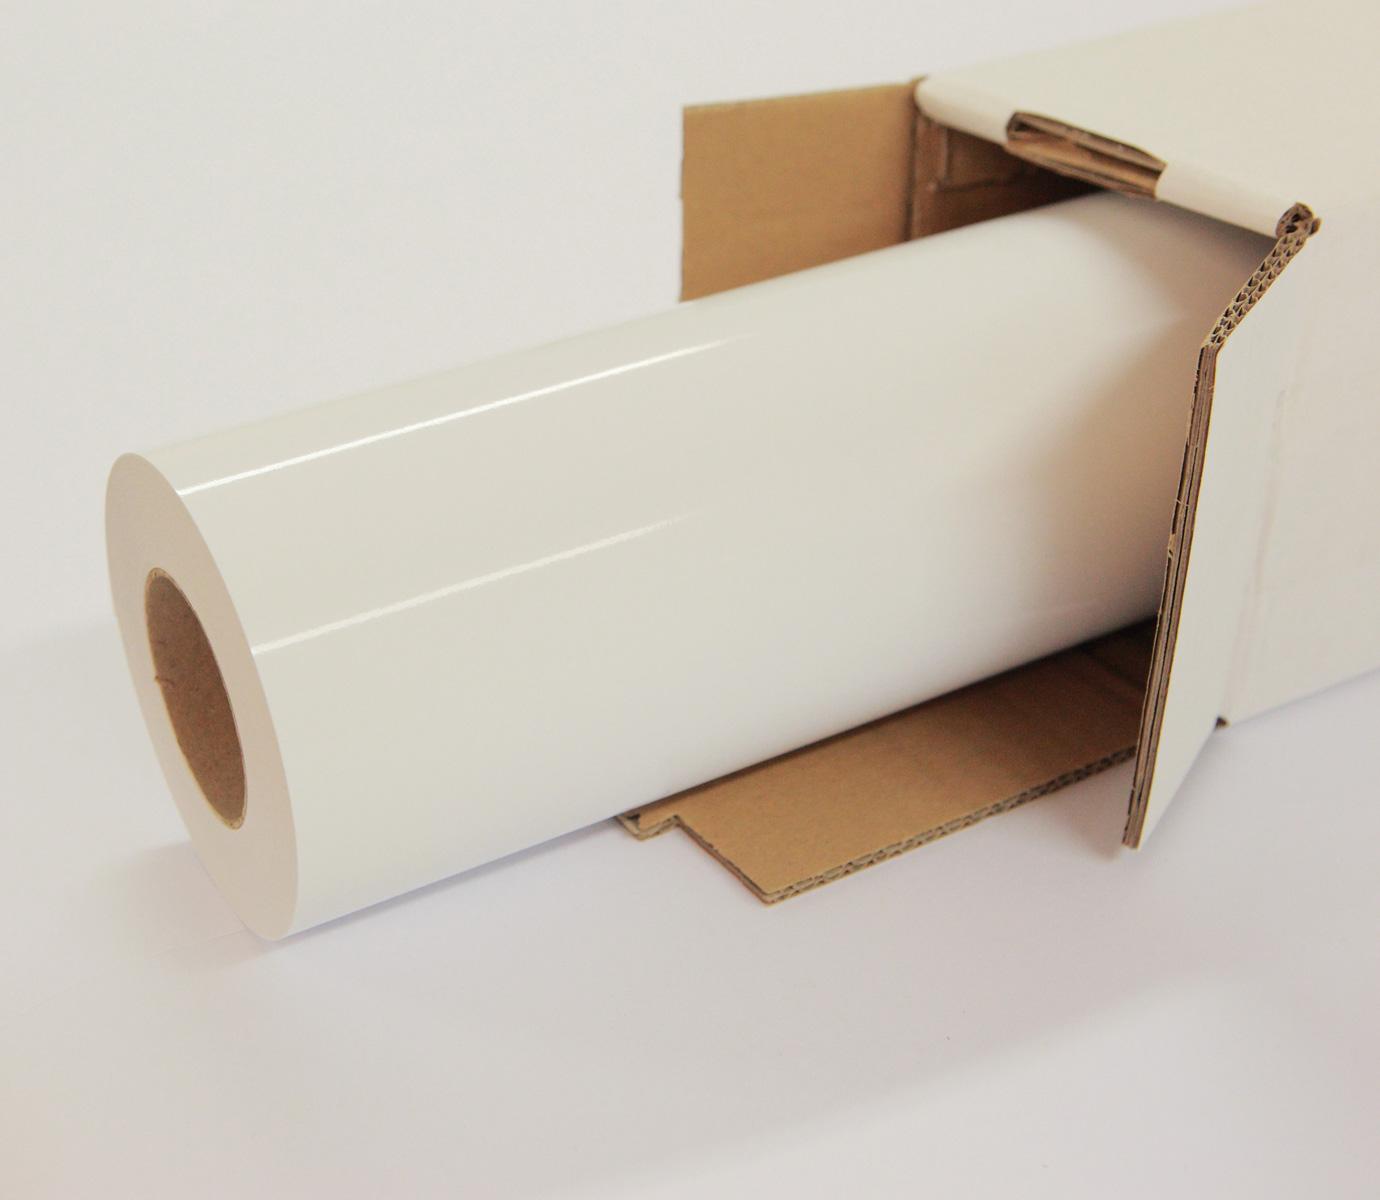 Бумага инженерная 420x175 75гр./м2., А2 (496L94044) XEROX - фото 3